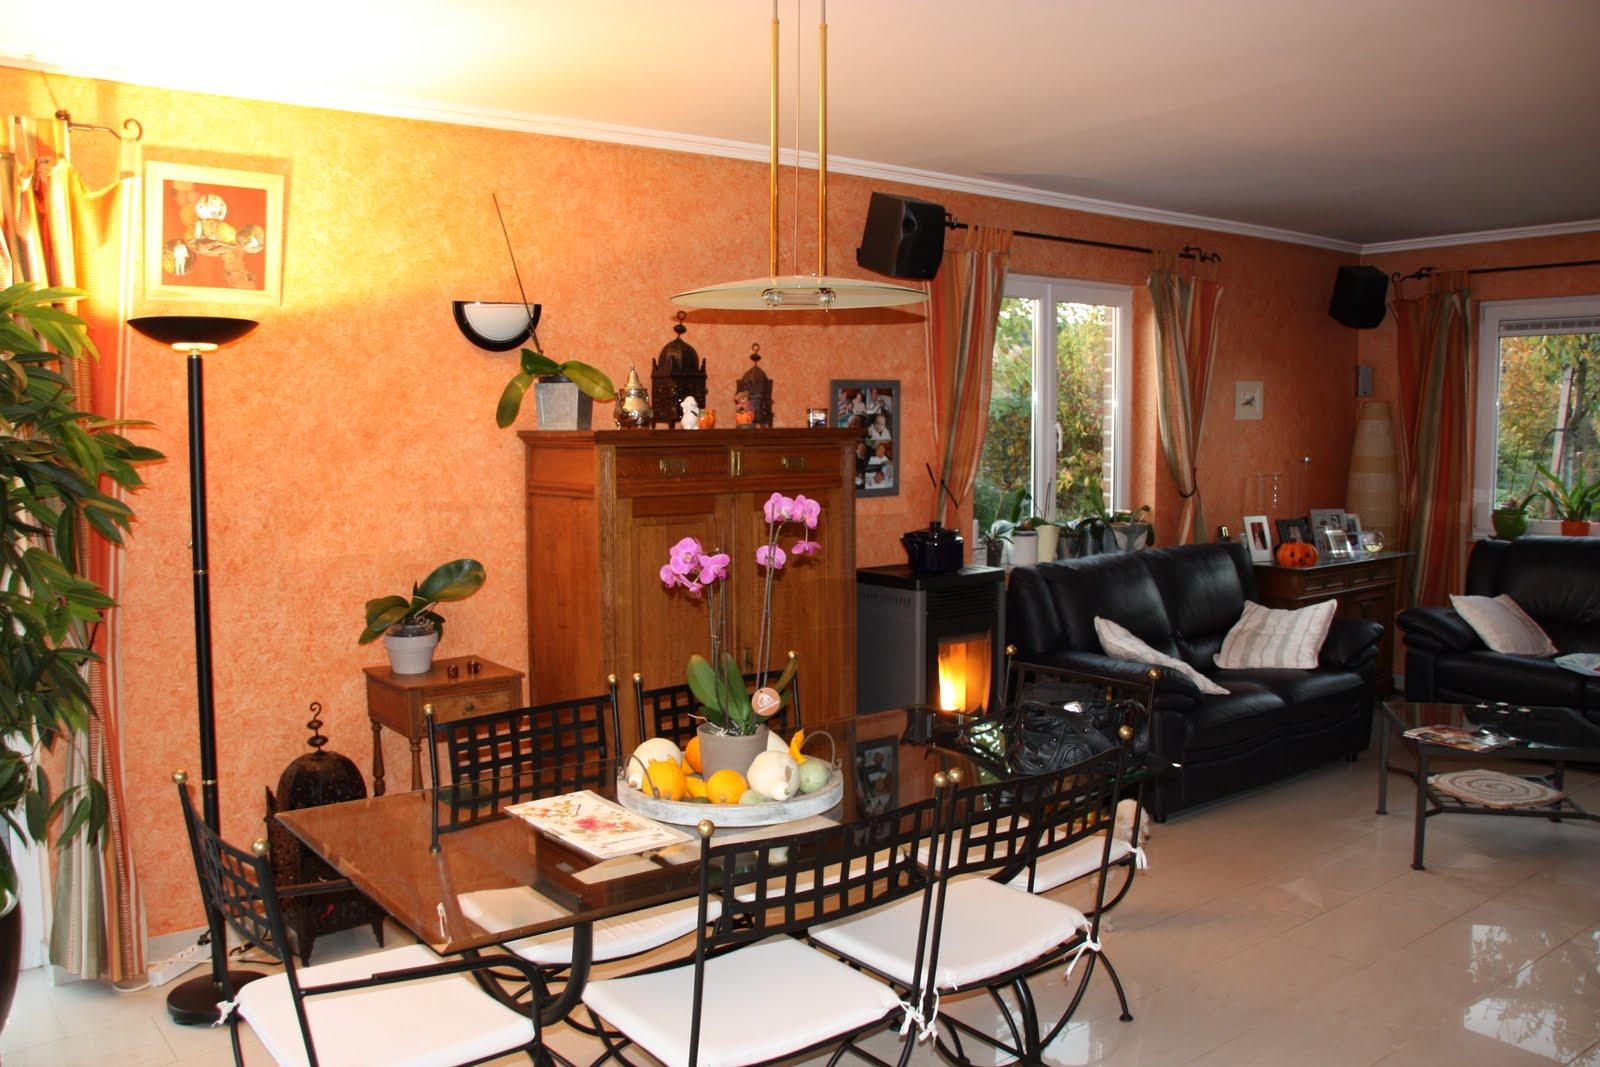 D coration et architecture d 39 int rieur salon salle a - Decoration interieur salle a manger ...